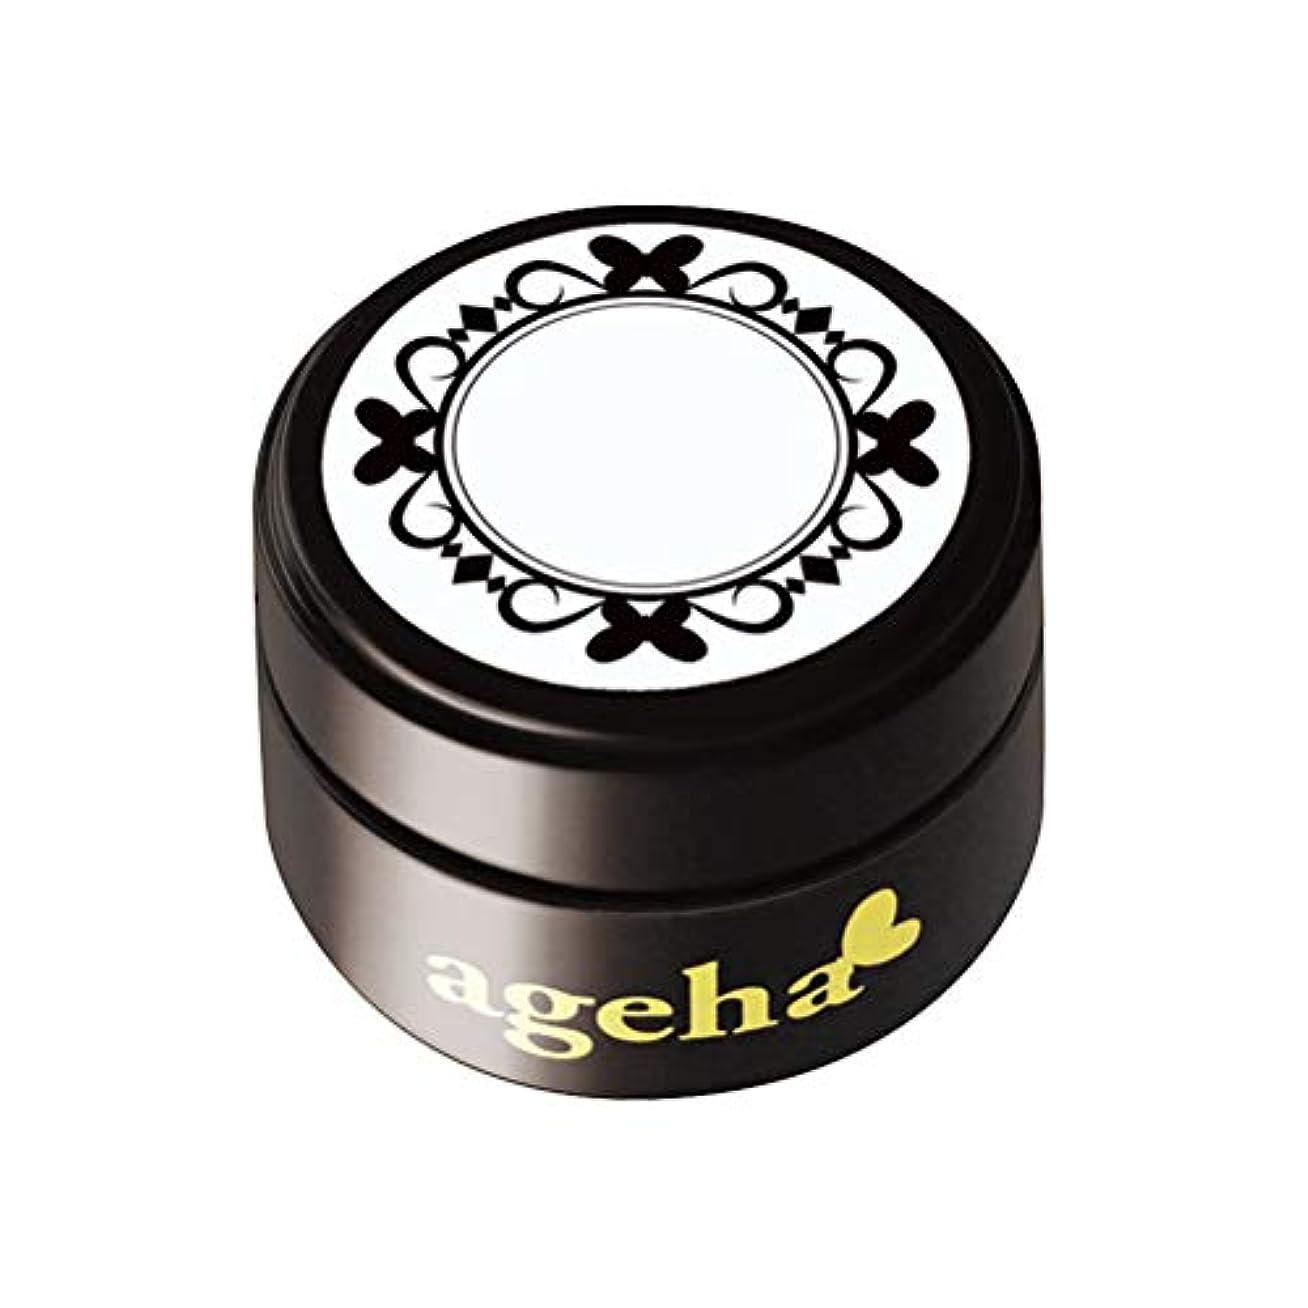 影響するビデオ心理的にageha コスメカラー 230 レトロピンク 2.7g UV/LED対応